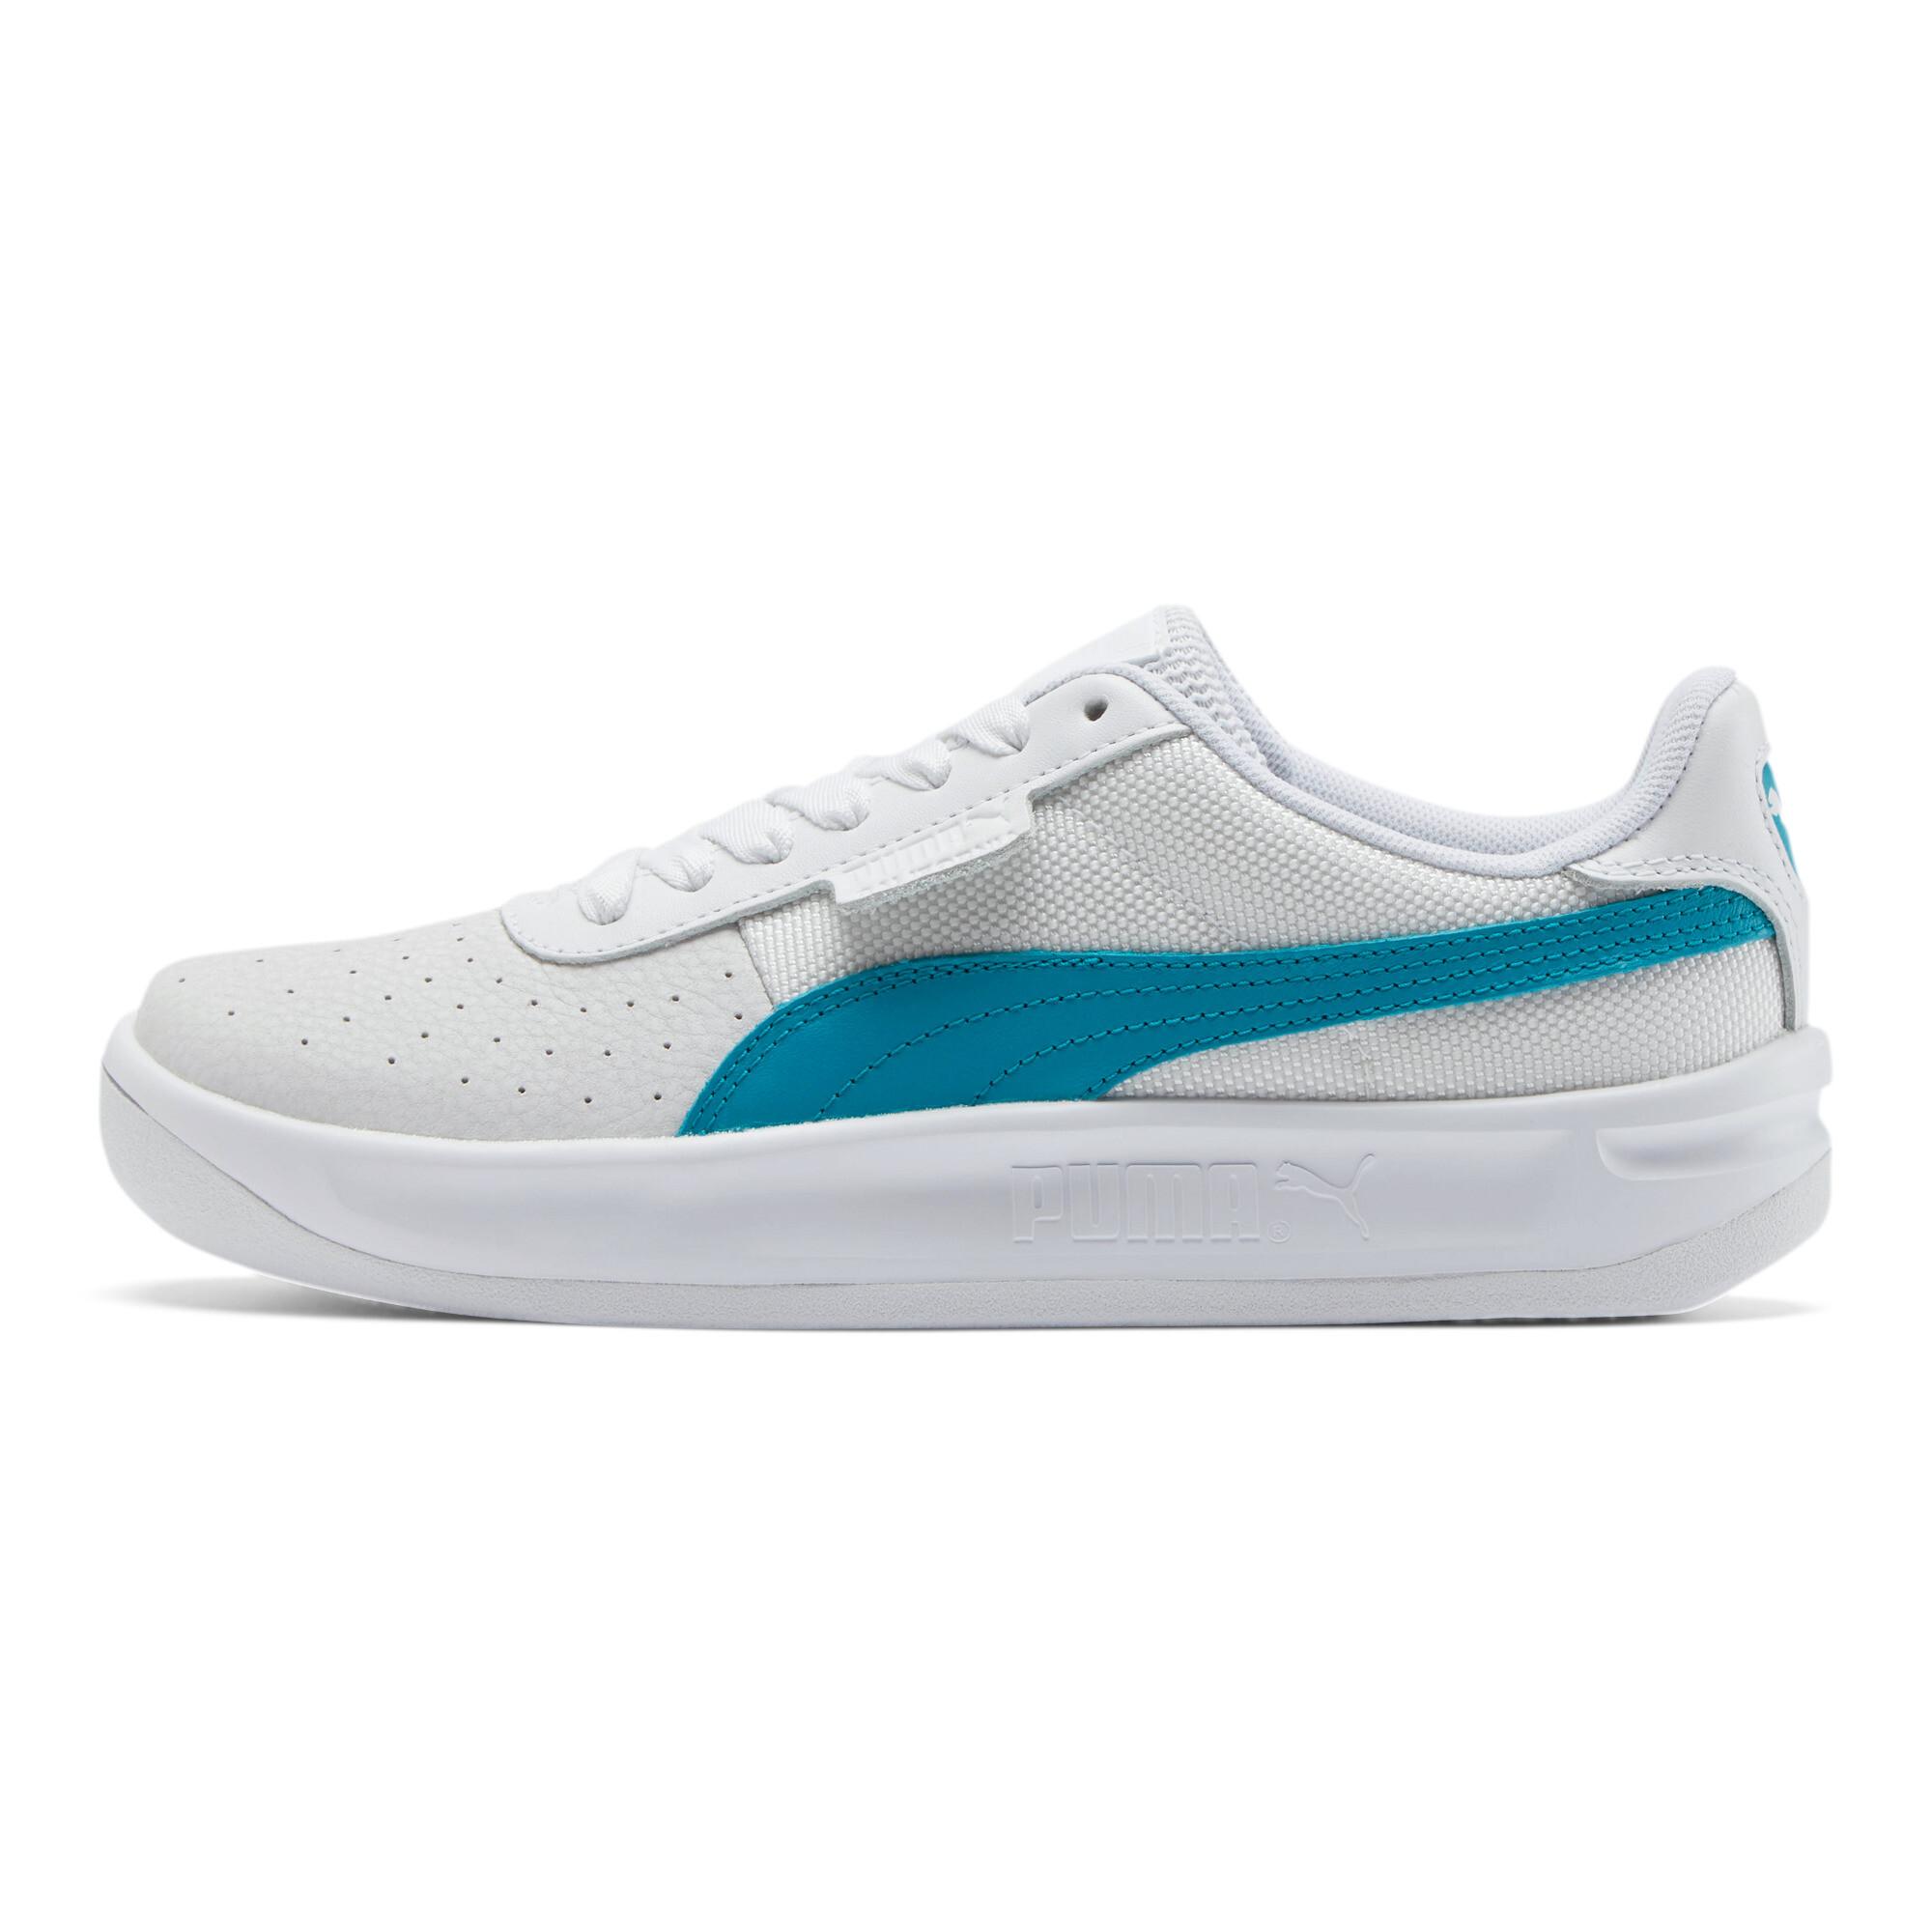 PUMA-California-Women-039-s-Sneakers-Women-Shoe-Sport-Classics thumbnail 21